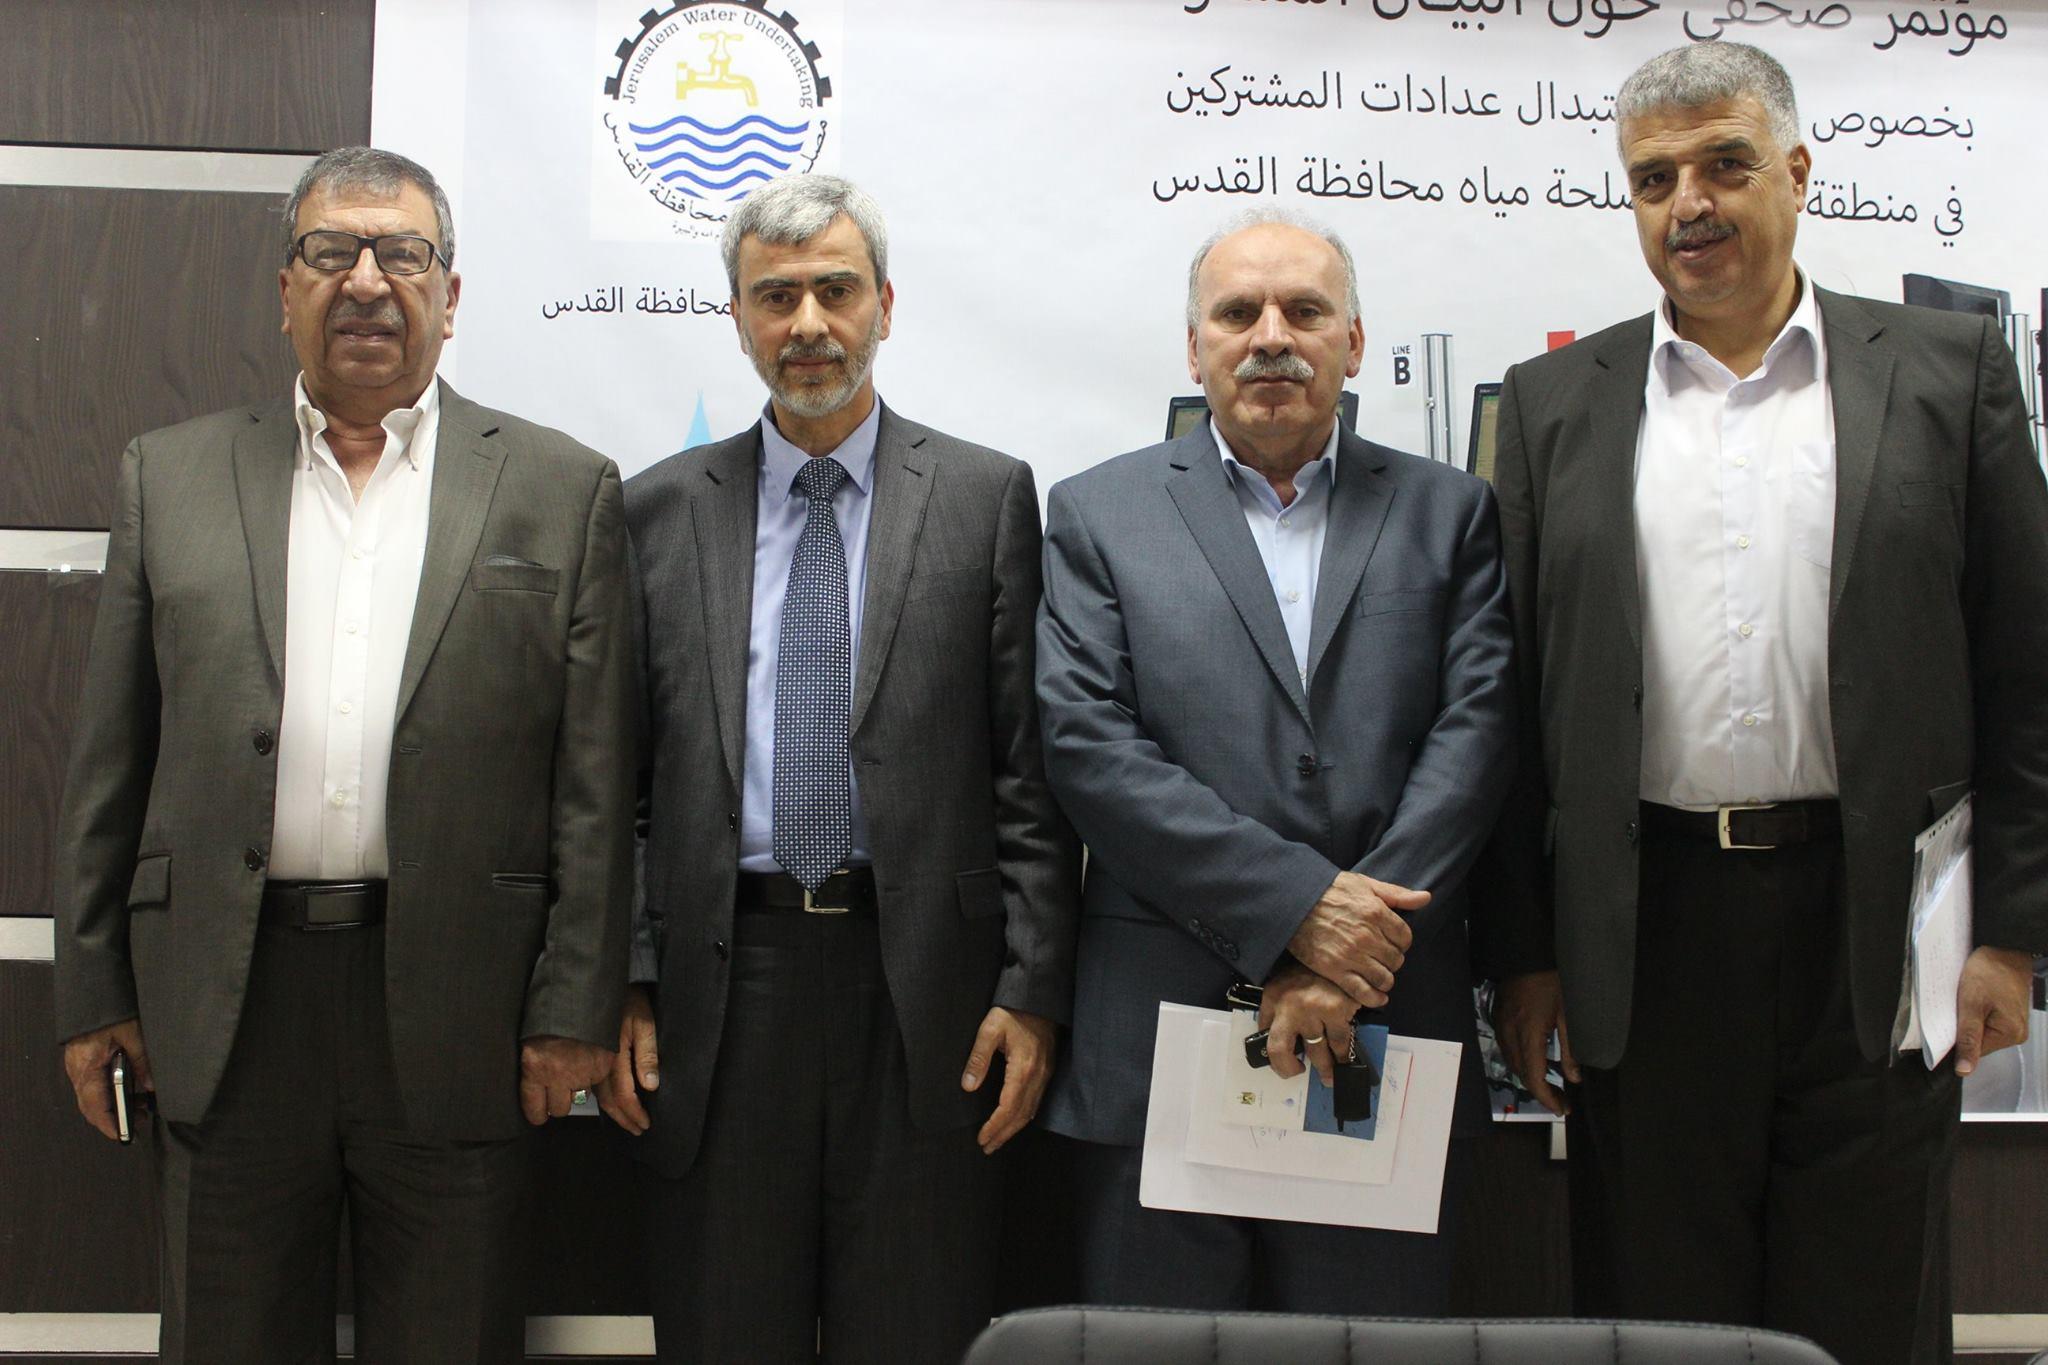 مصلحة مياه محافظة القدس تعقد مؤتمرا صحفيا وتصدر بيان مشترك بخصوص استبدال عدادات المشتركين